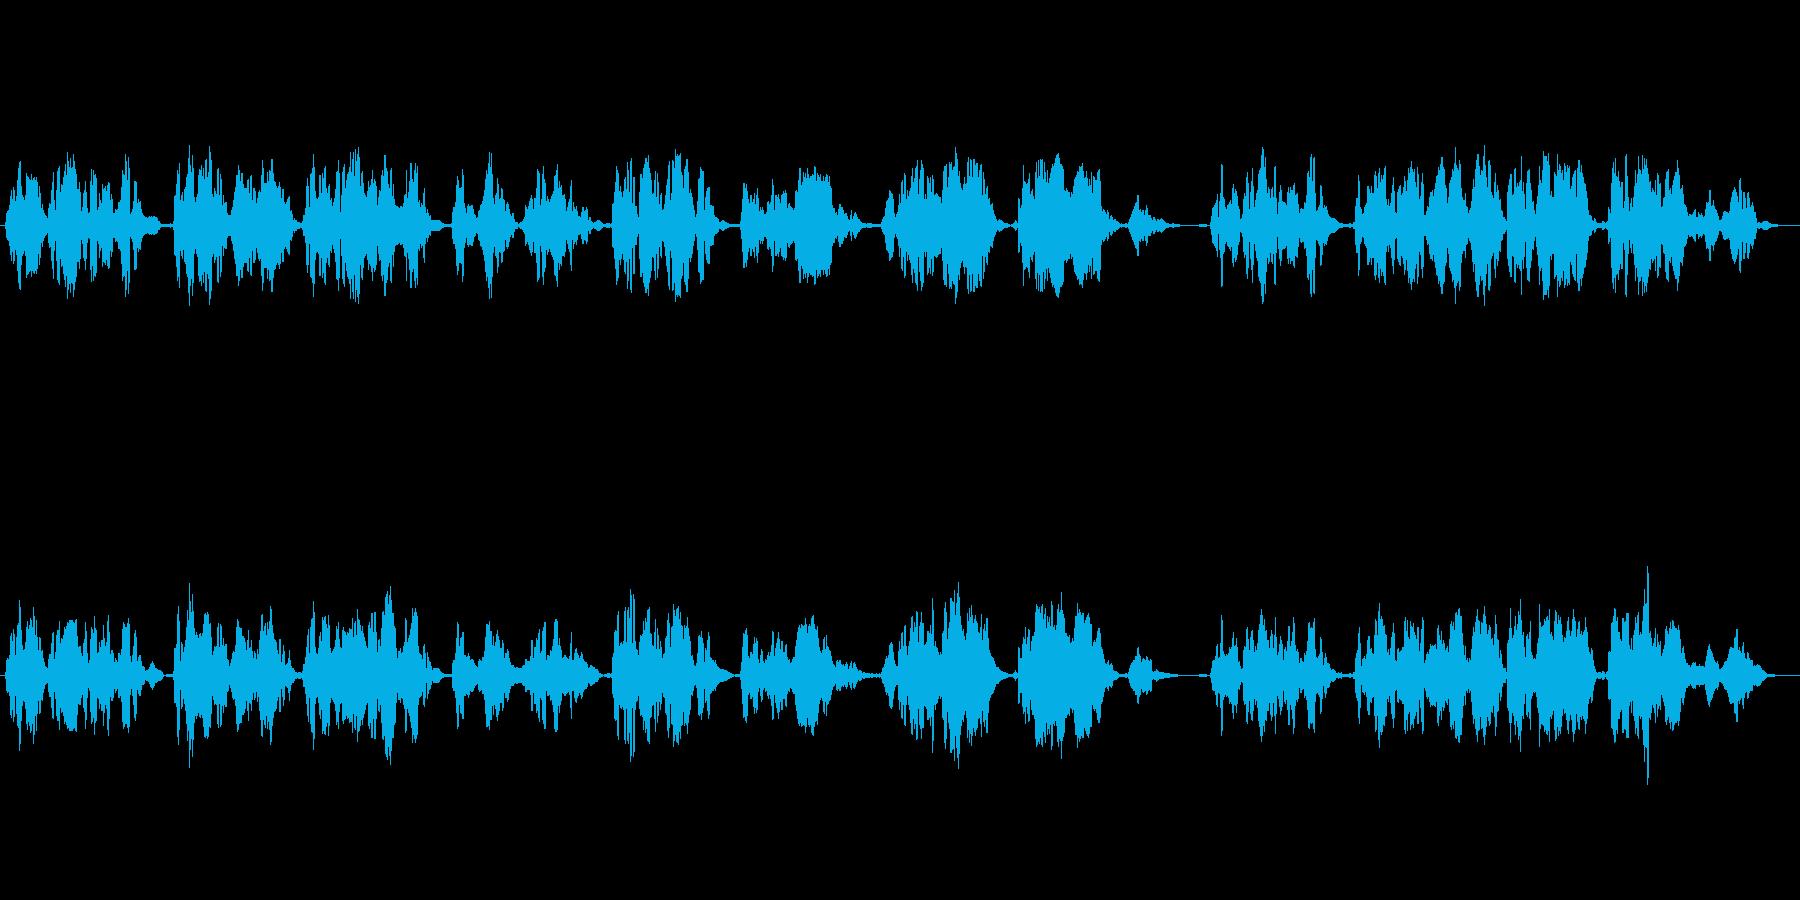 哀愁漂うクラシカルなフルート独奏曲の再生済みの波形